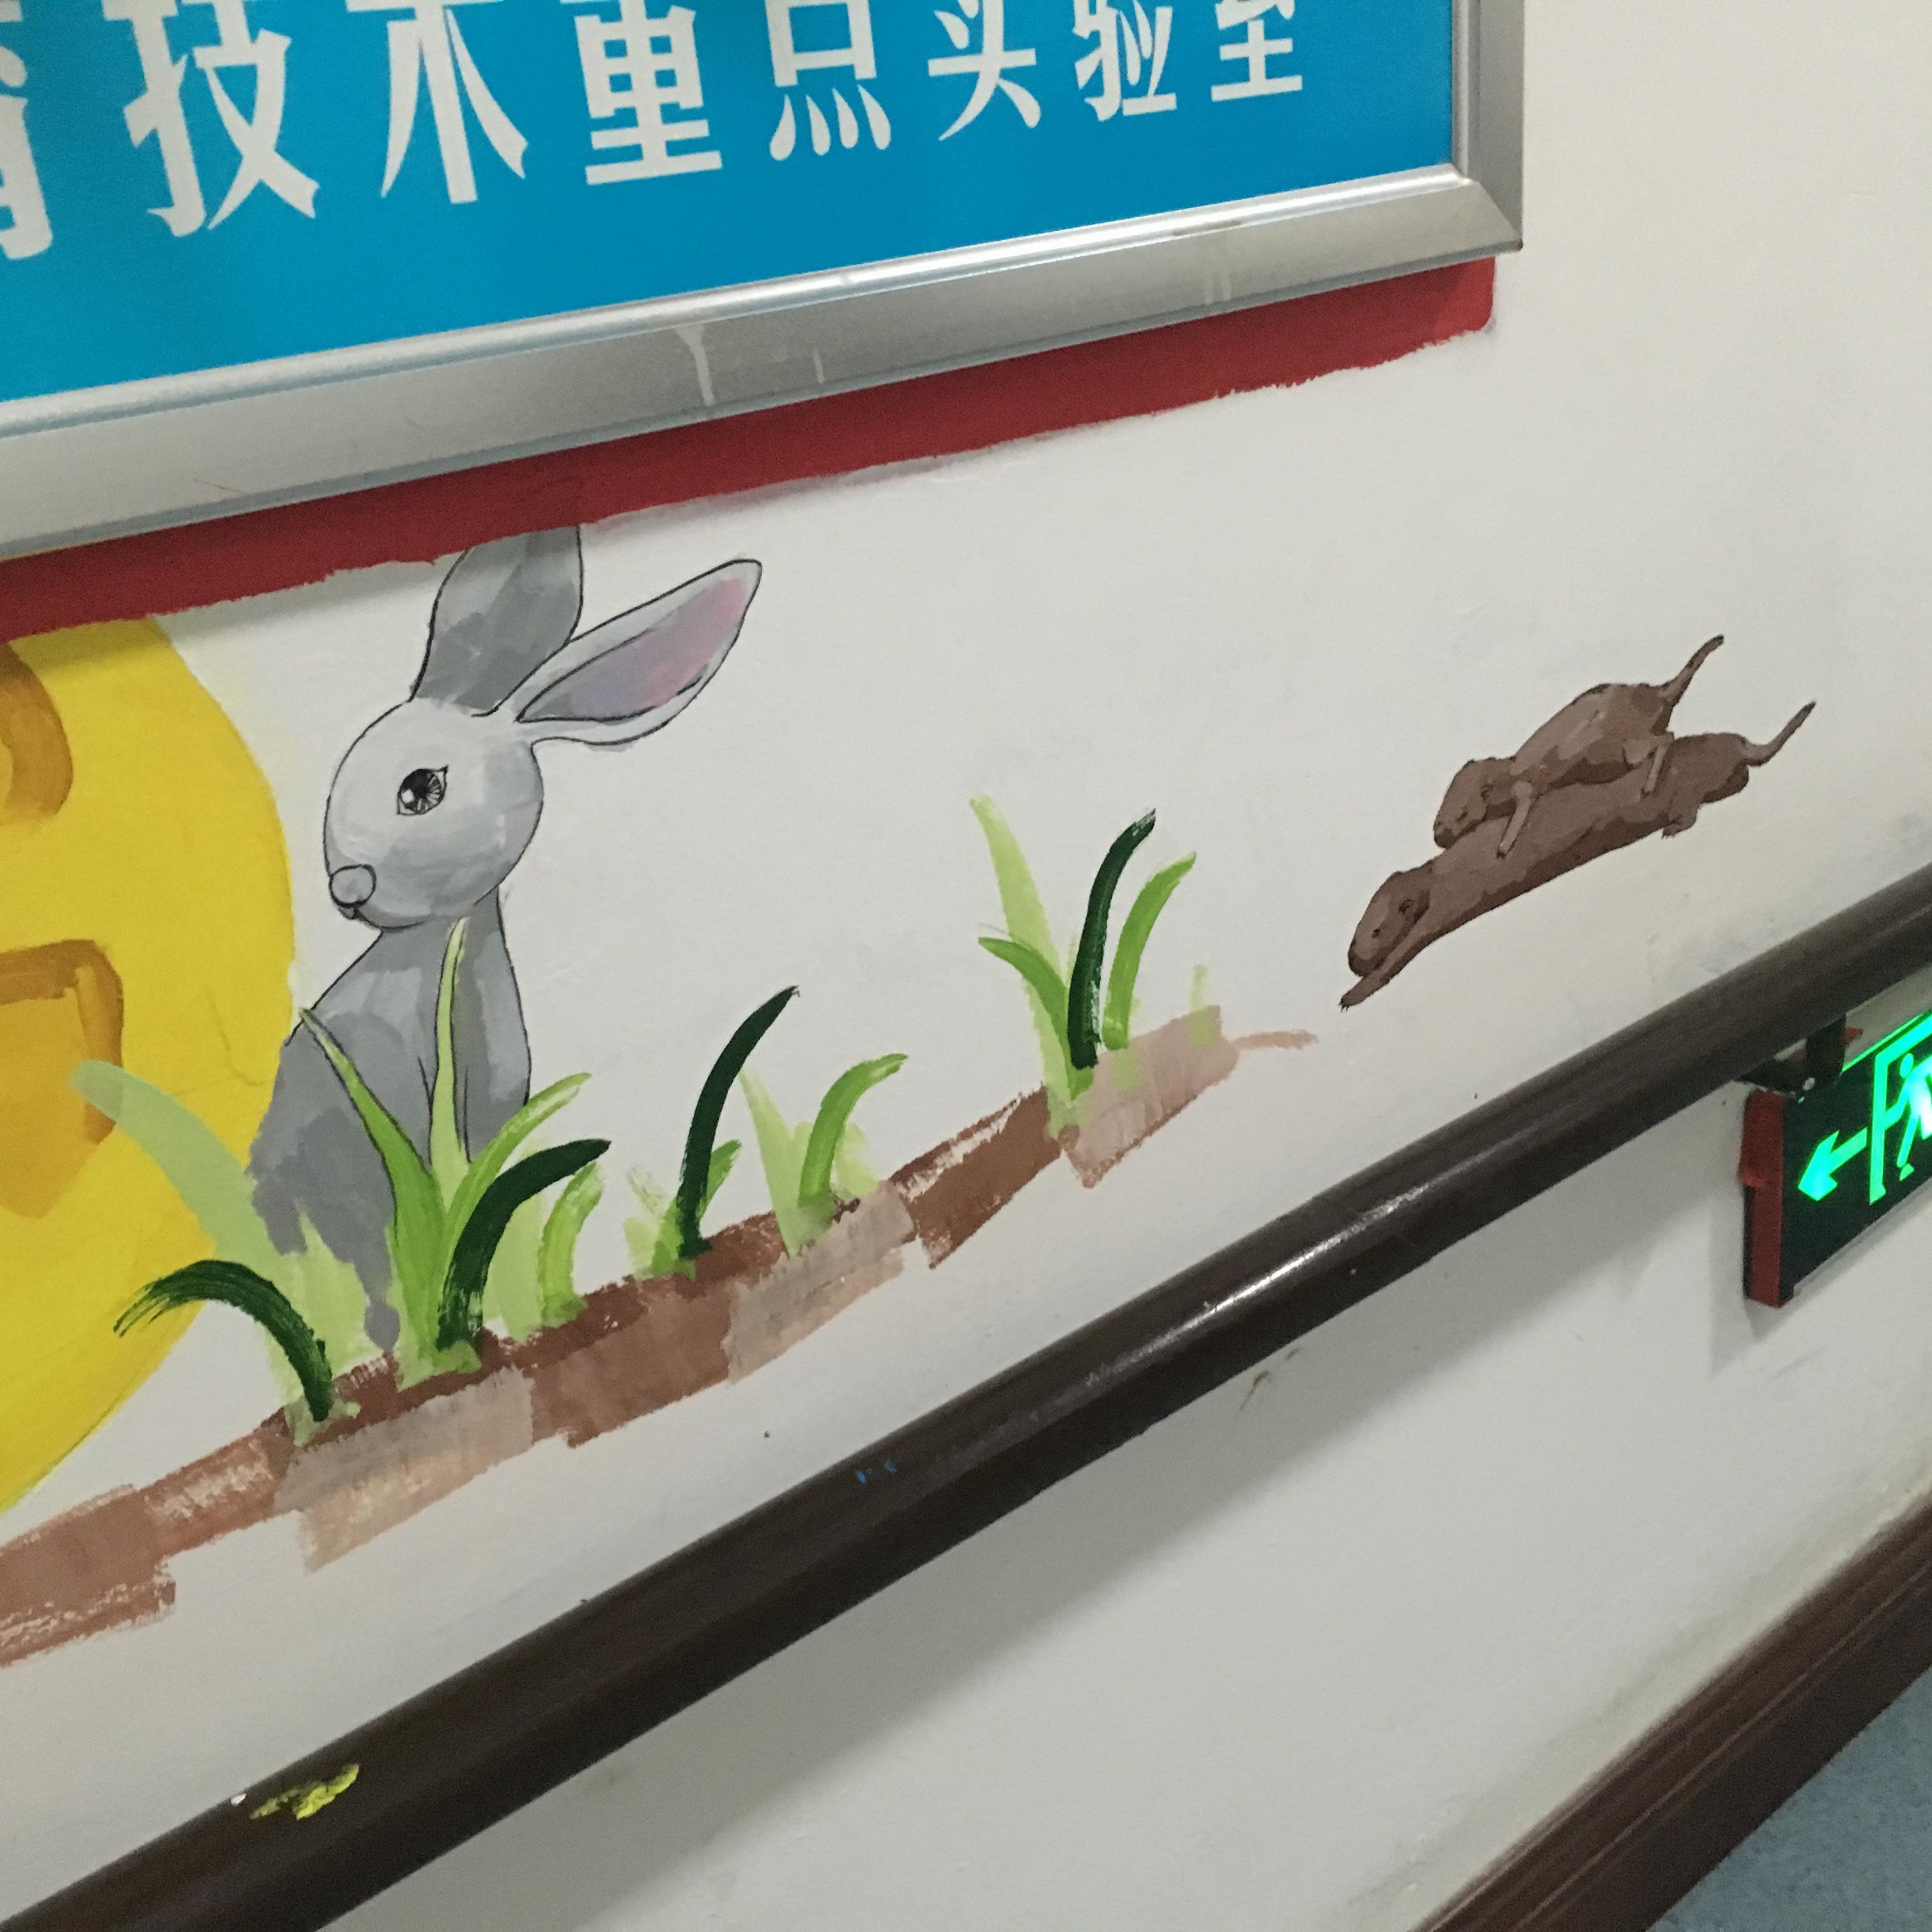 聋人工作室手绘墙体彩绘 卡通形象 动漫 美丽背景 简约风